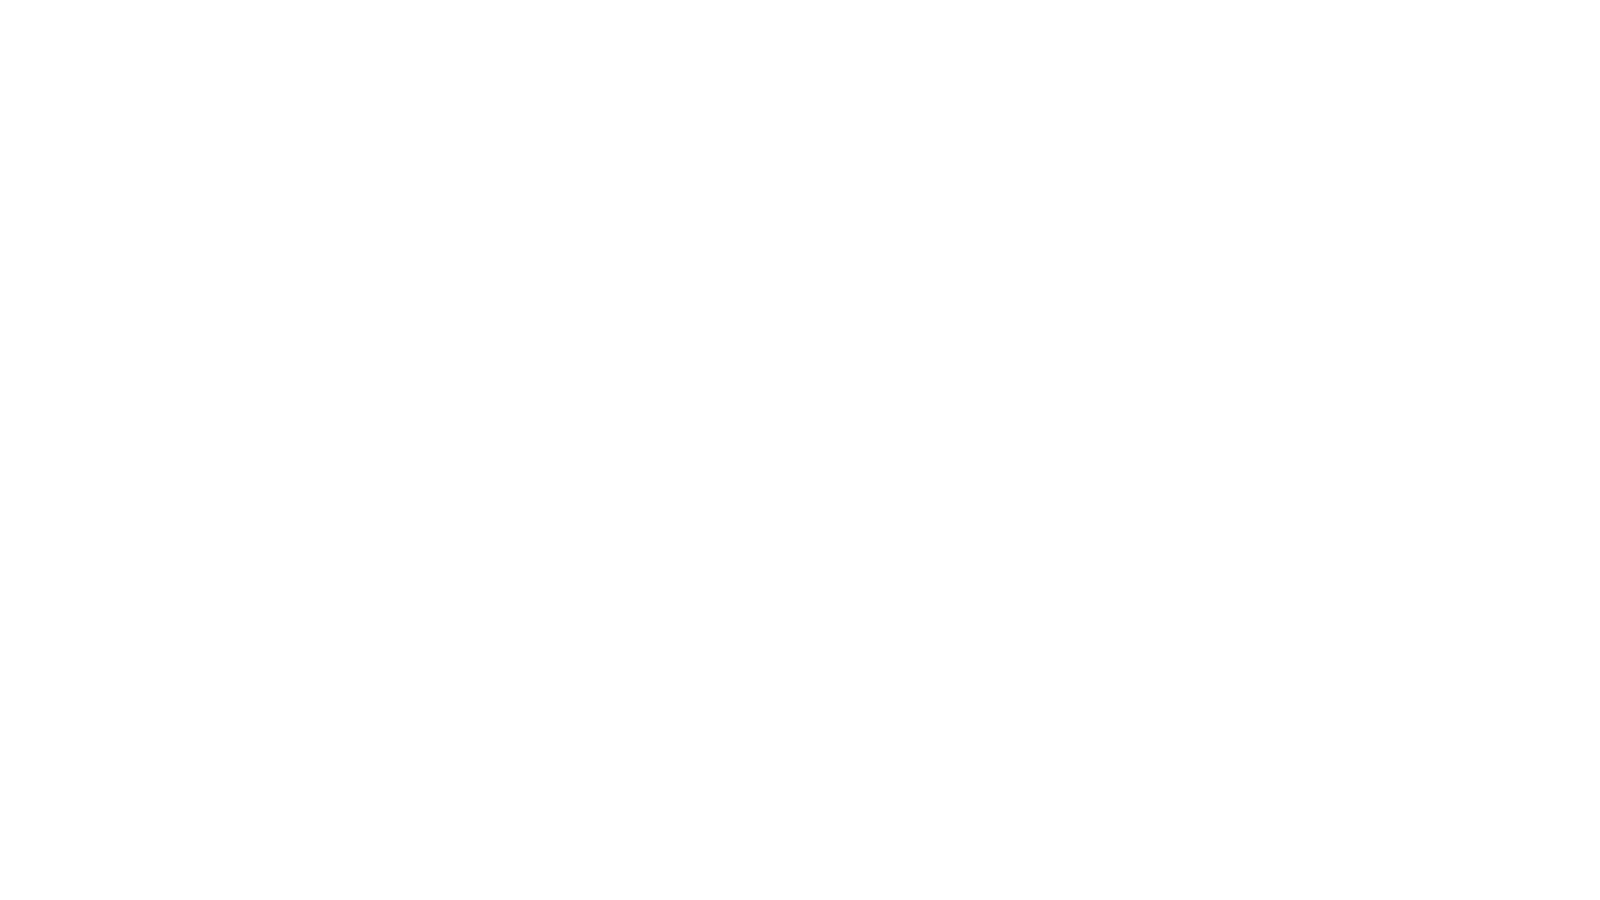 In dem Video zeige ich euch was unsere Agility-Ziele für das Jahr 2021 . Zeitgleich mit dem Video ist auch ein Blogbeitrag online gegangen , in dem ihr ein paar Infos dazu findet was man beim setzen von Zielen beachten sollte . Diesen Beitrag findet ihr unter folgendem Link :   https://agility2go.de/?p=6678   #agility #agilitydog #agility2go